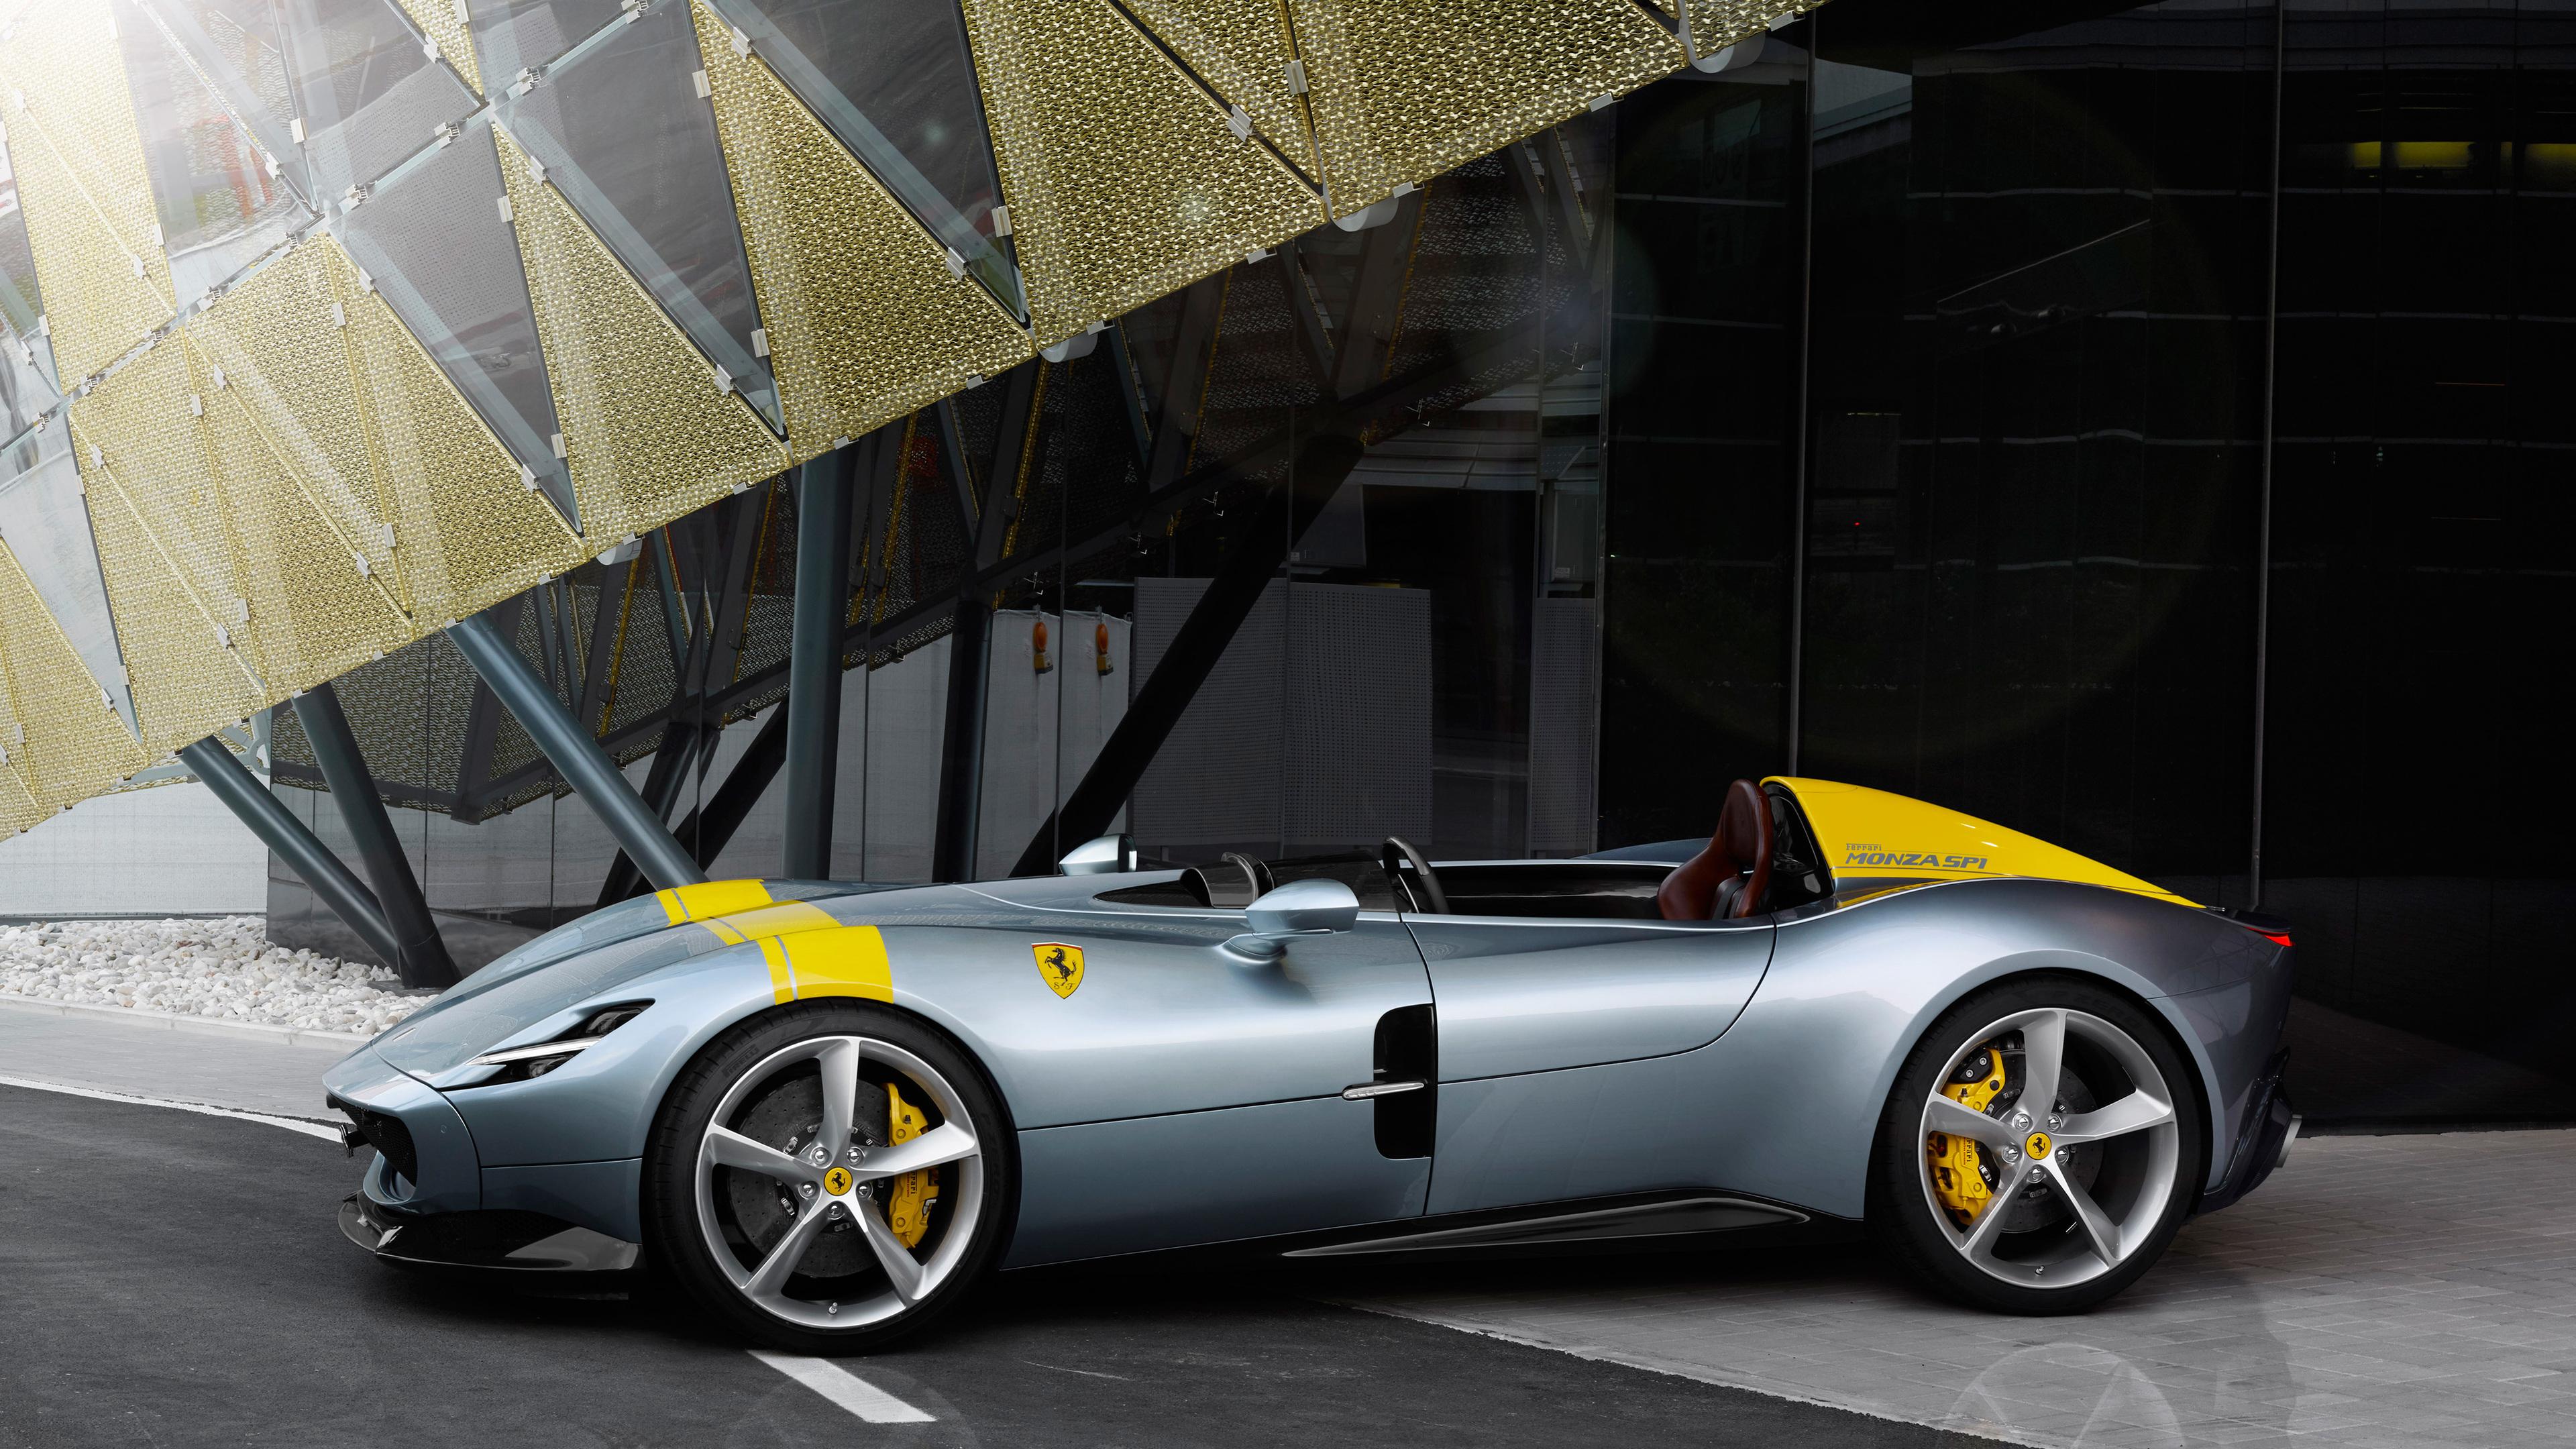 ferrari monza sp1 2018 1539114747 - Ferrari Monza SP1 2018 - hd-wallpapers, ferrari wallpapers, ferrari monza sp1 wallpapers, cars wallpapers, 4k-wallpapers, 2018 cars wallpapers